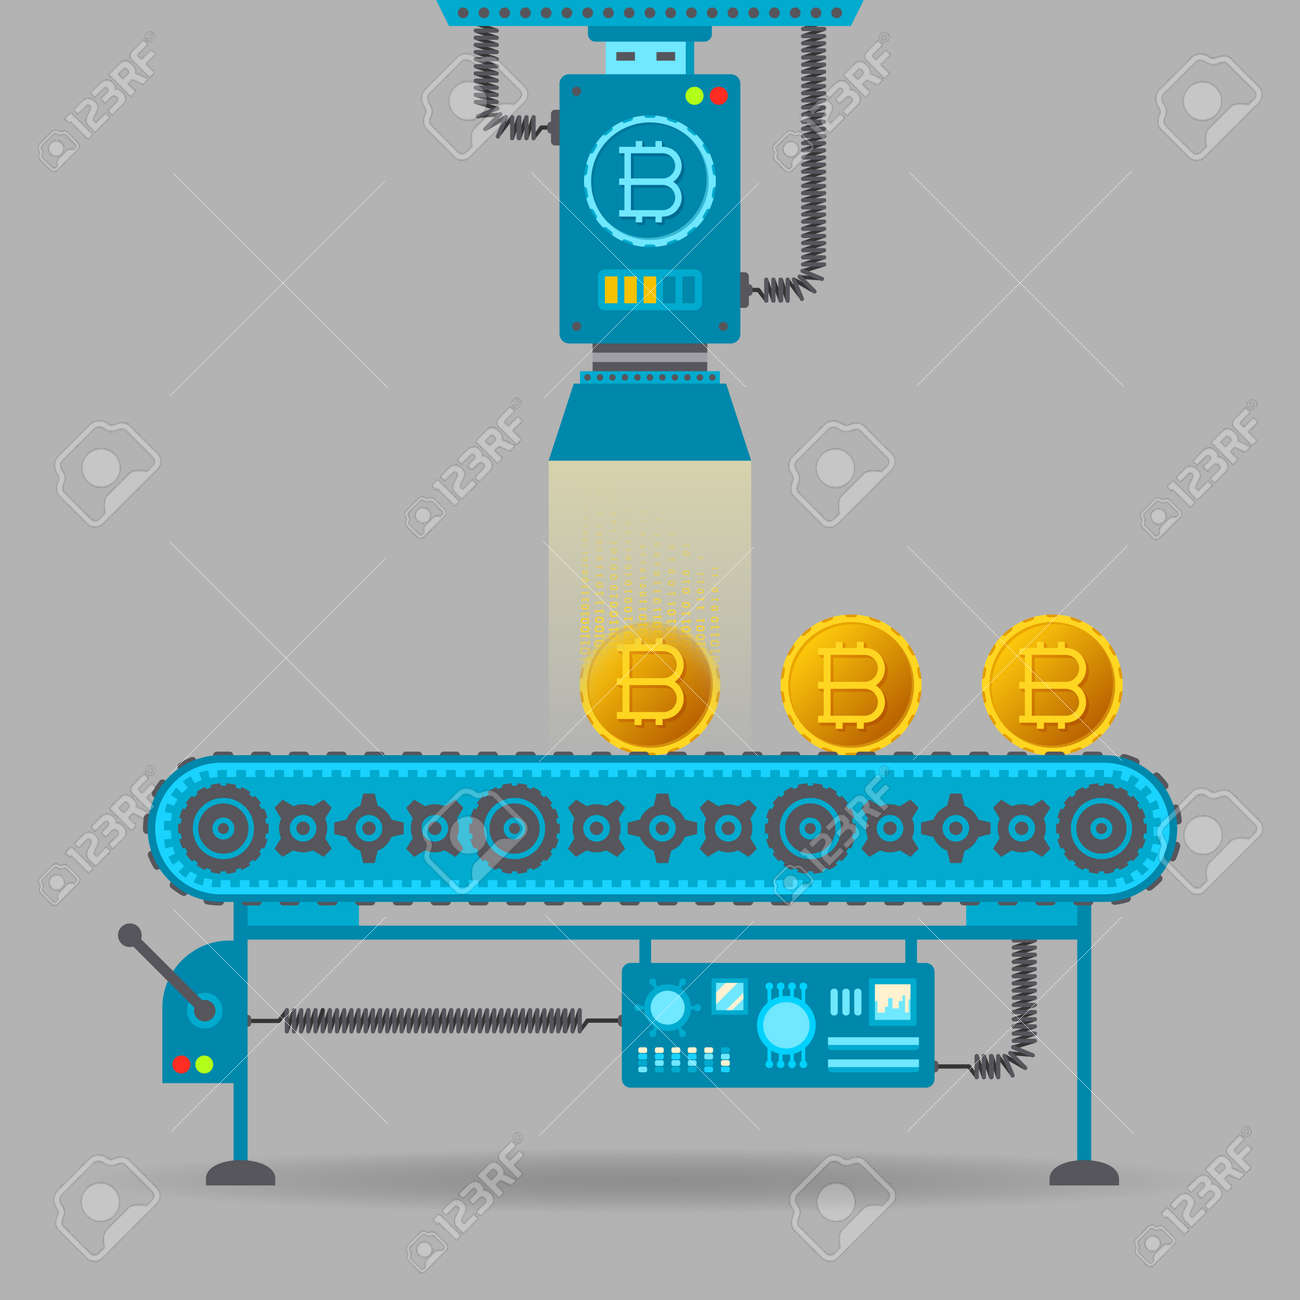 Conveyor belt manufacturers mining bitcoins volumenes de la encyclopedia de diderot y dalembert betting